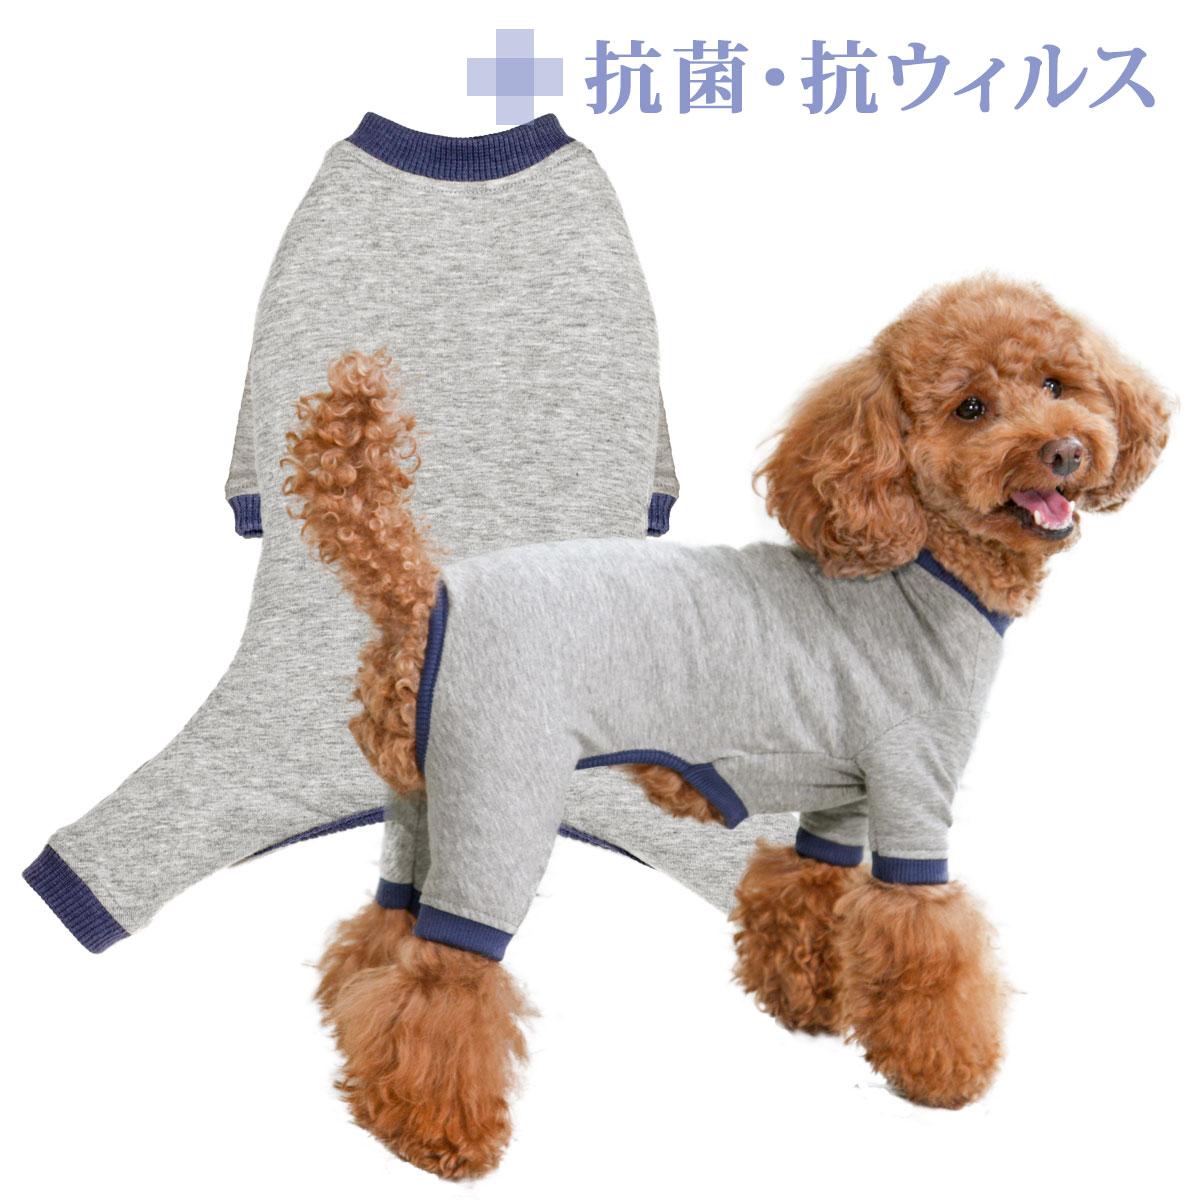 犬と生活 クレンゼスーツ